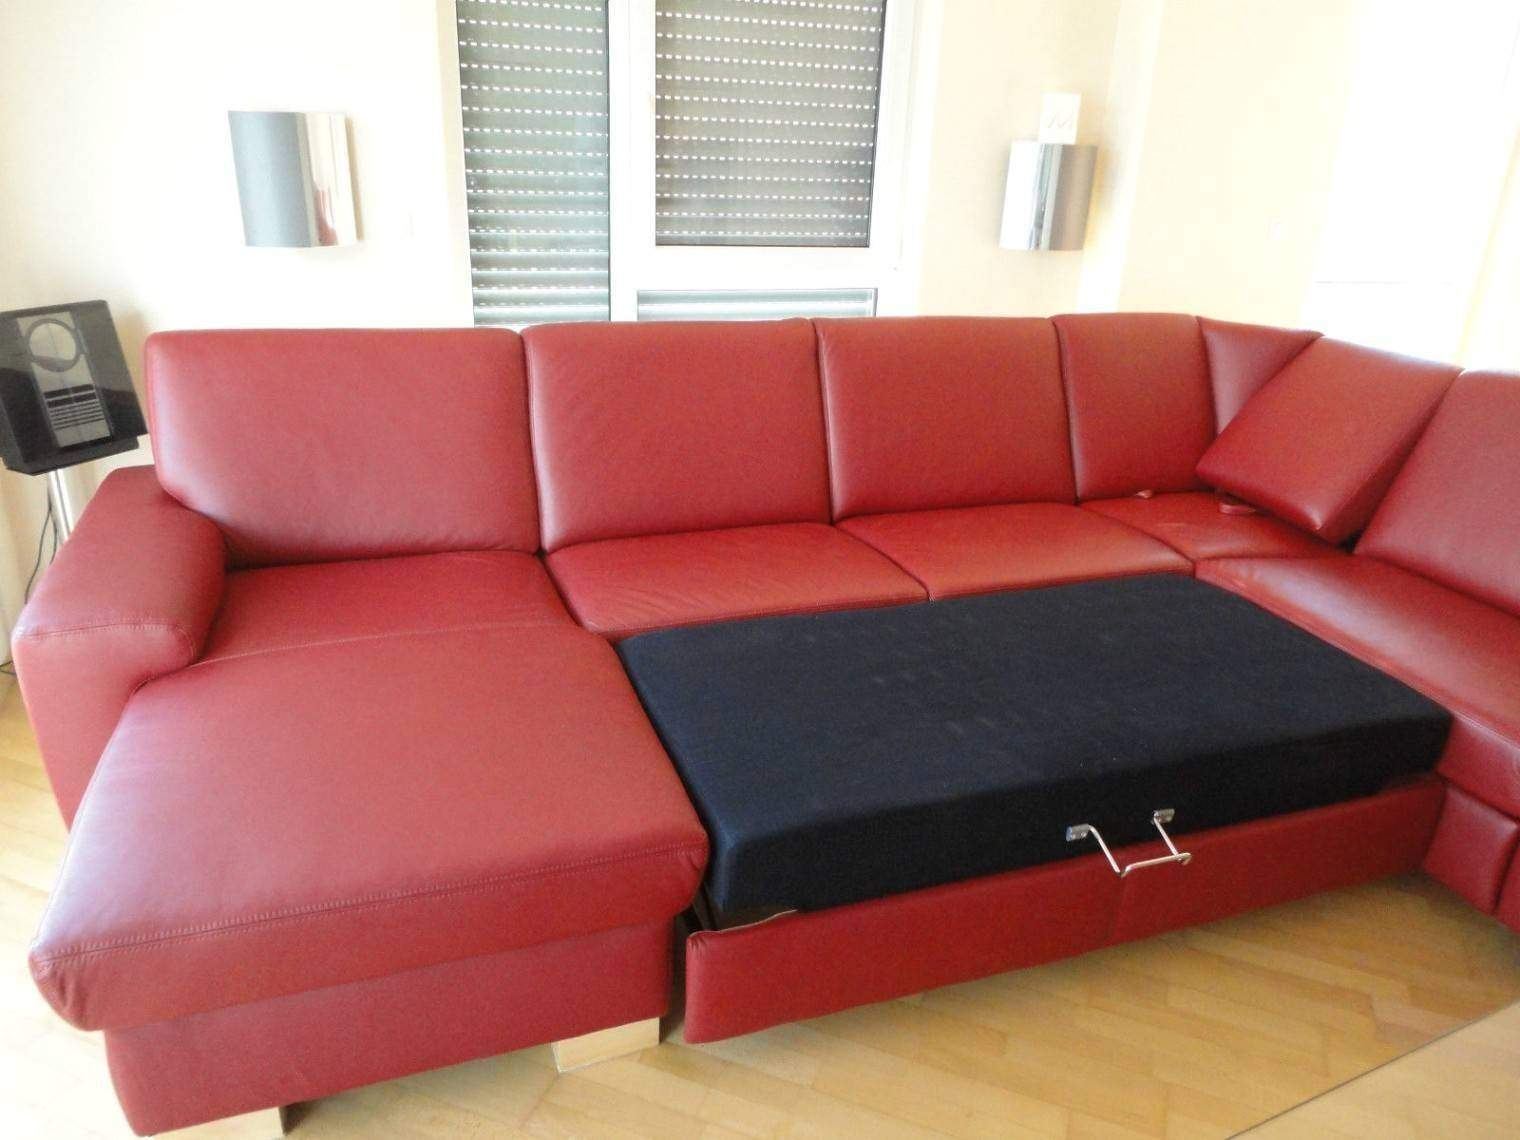 Full Size of Sofa Rund Klein Oval Couch Rundecke Leder Med Runde Former Arundel Leather Dreamworks Bed Form Chesterfield Design Rundy 34 Genial Otto Wohnzimmer Schn Frisch Sofa Sofa Rund